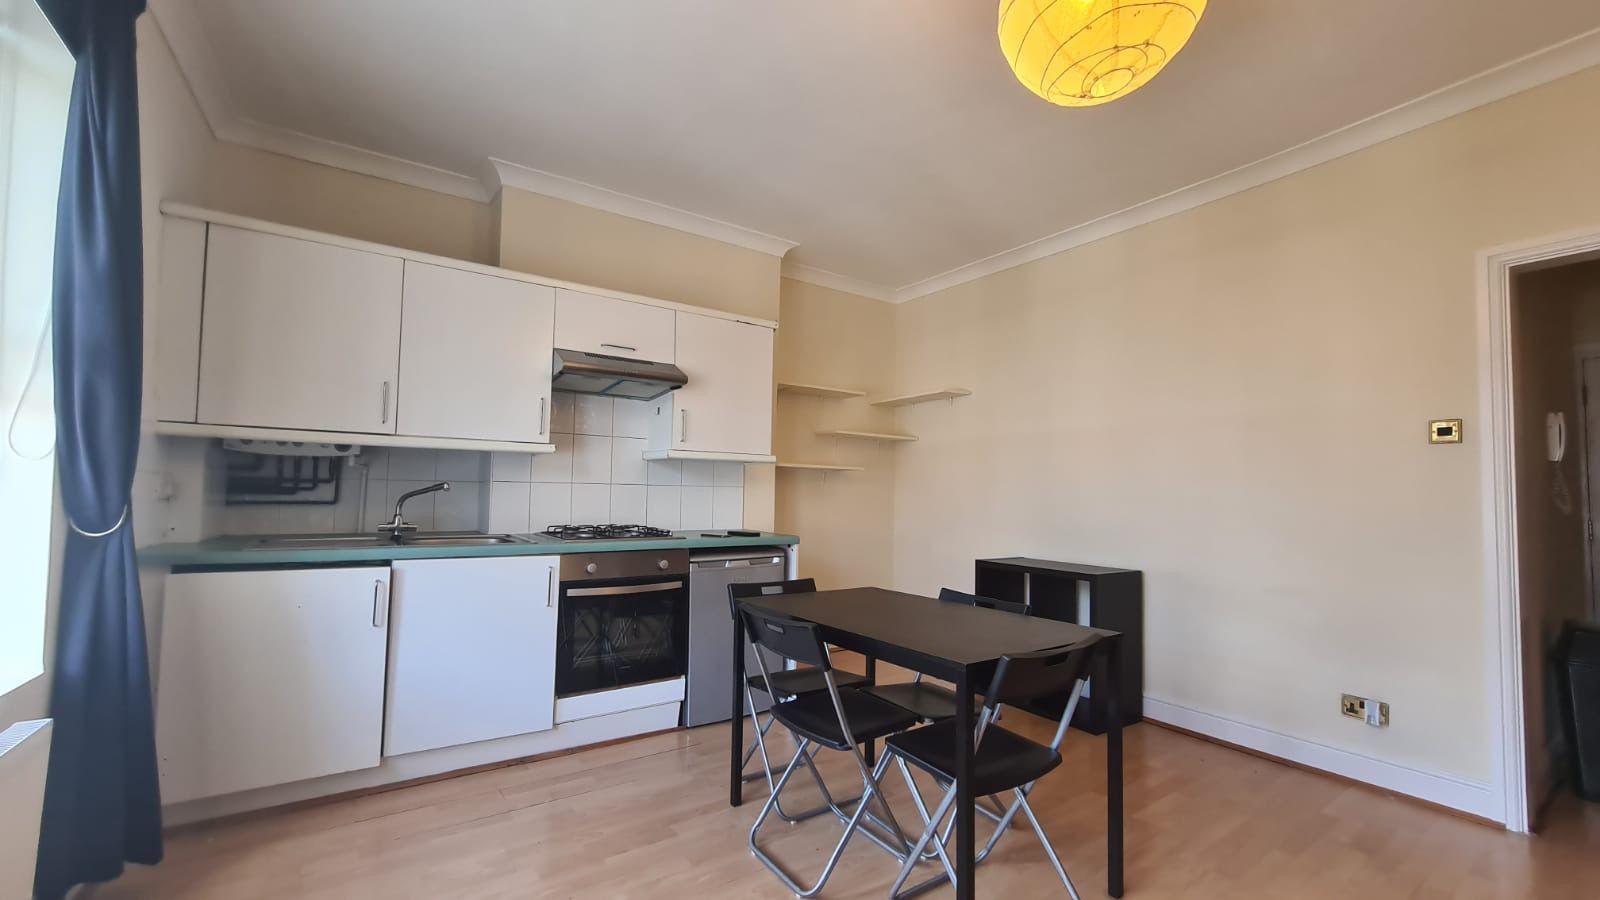 1 bedroom studio flat/apartment Let in Willesden Green - Main Studio